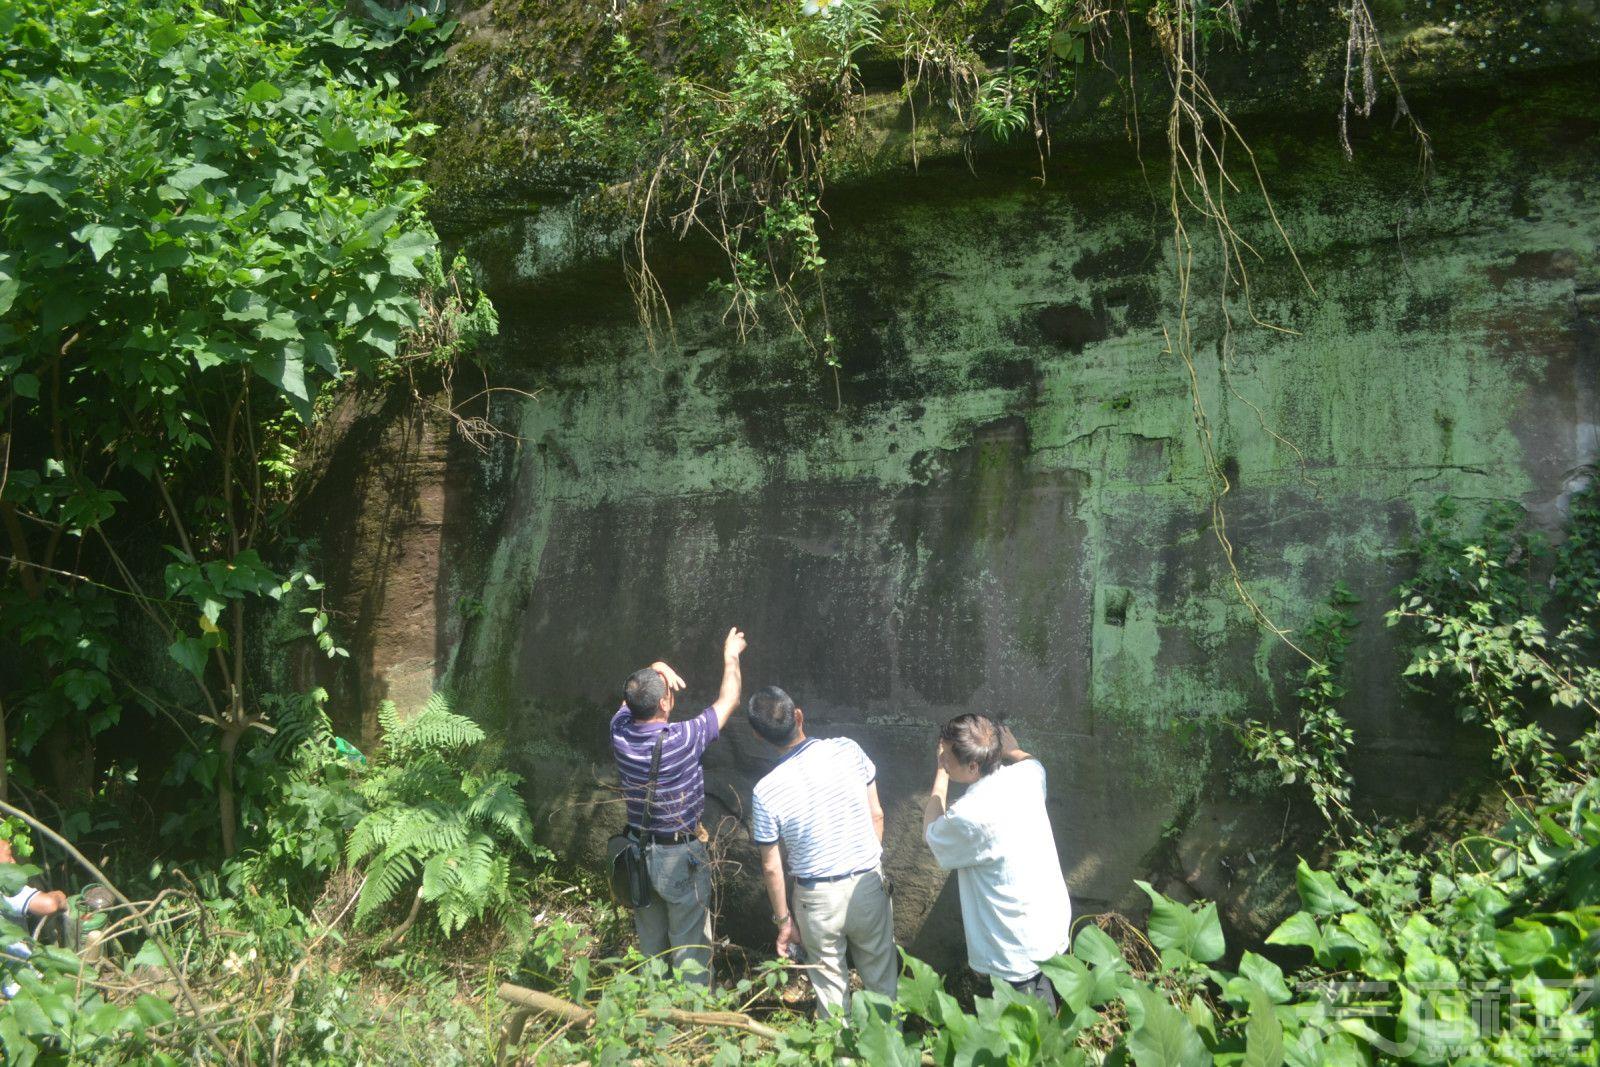 勒石《渔関渡》在渔子溪旁的观音岩上,.jpg